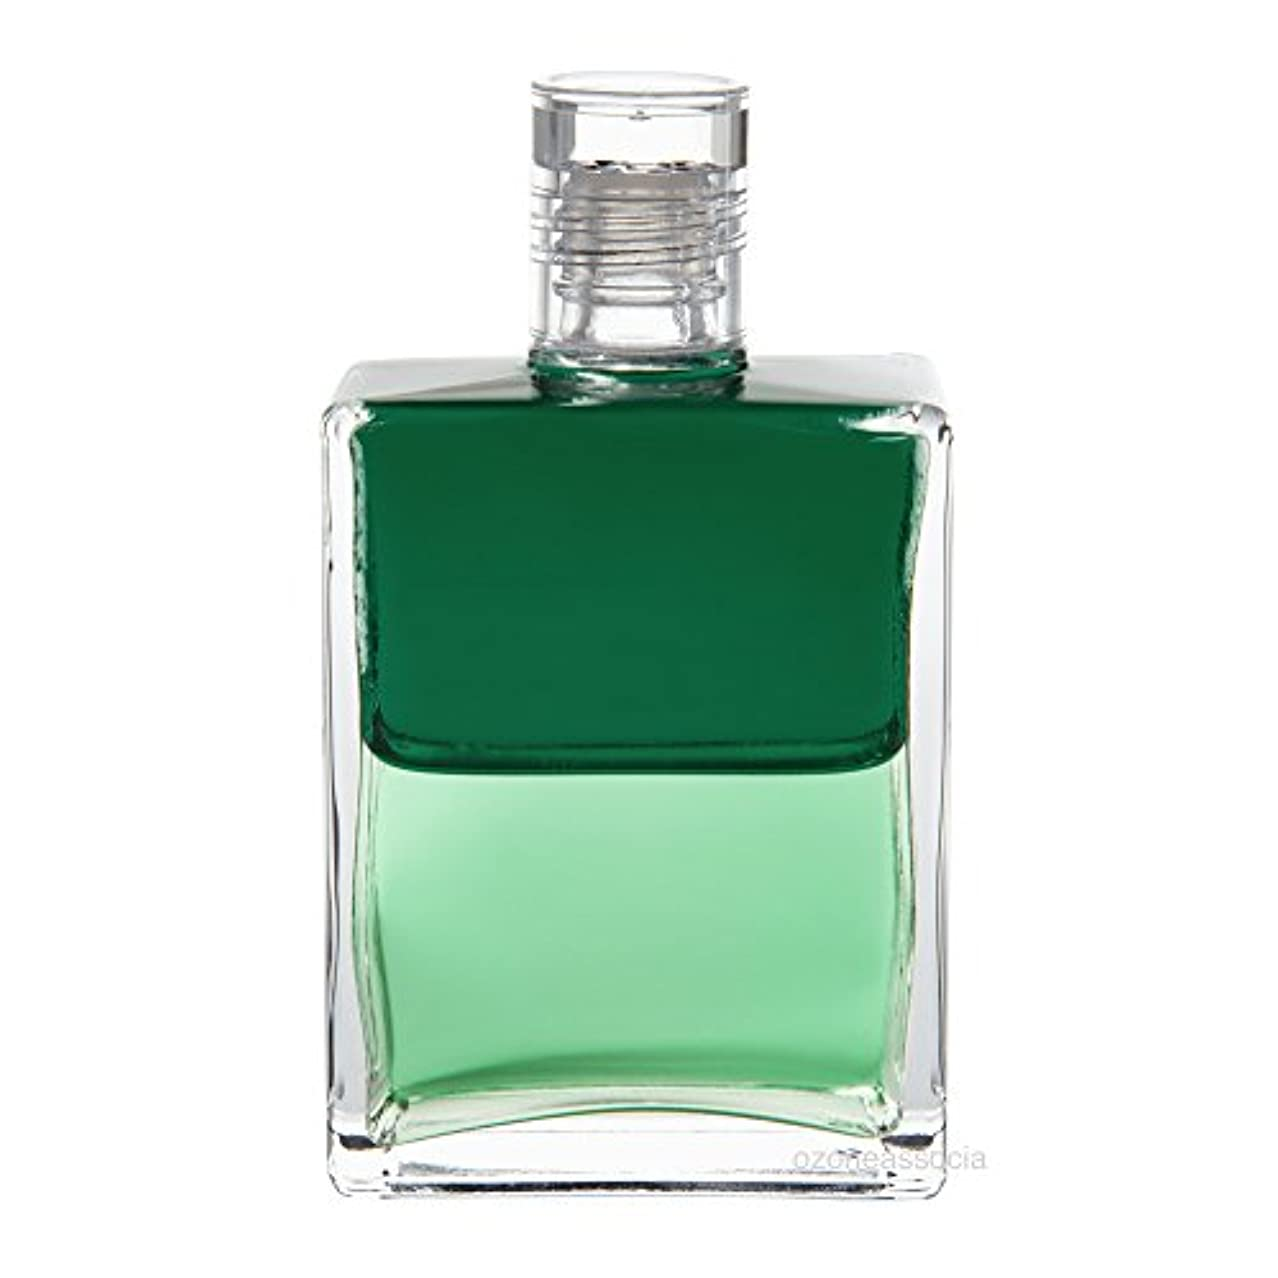 輝くカプラー差し控えるオーラソーマ ボトル 63番  ジュワルクール&ヒラリオン (エメラルドグリーン/ペールグリーン) イクイリブリアムボトル50ml Aurasoma